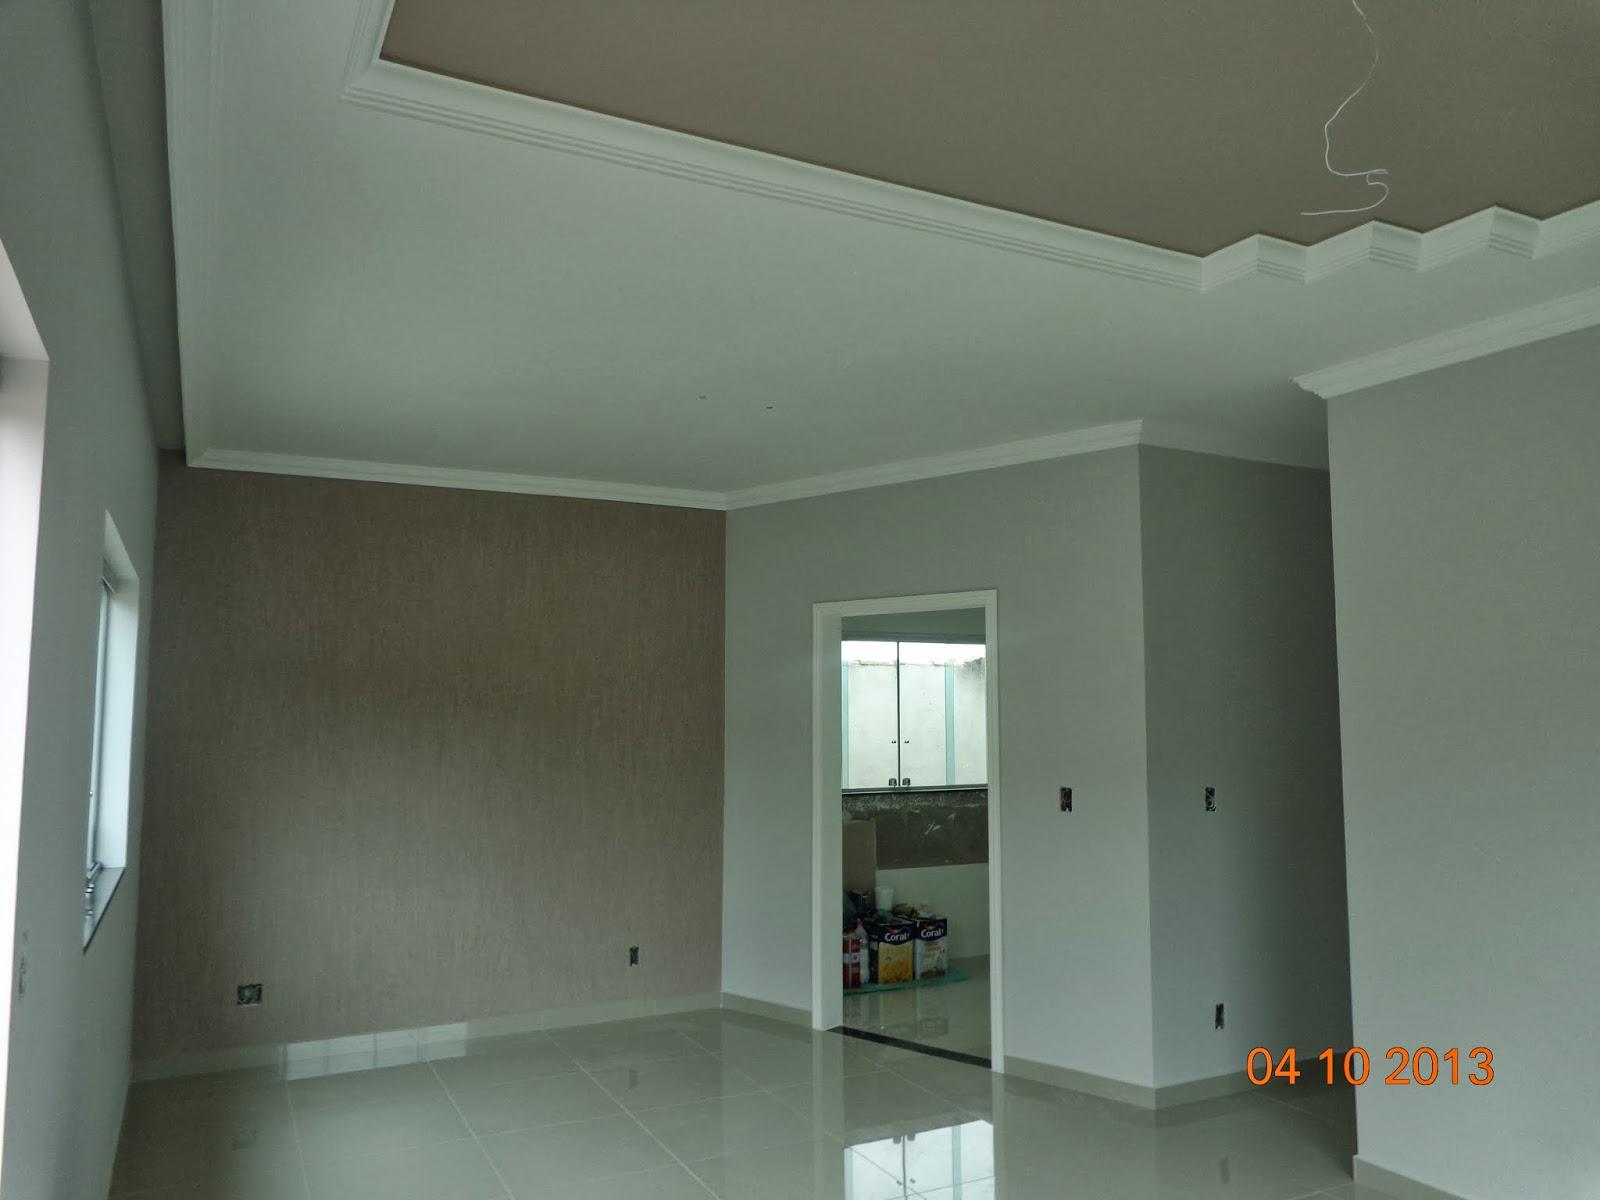 Essa parede mais escura é onde disse que tem o grafiato na sala de  #AB5820 1600x1200 Banheiro Com Parede De Grafiato